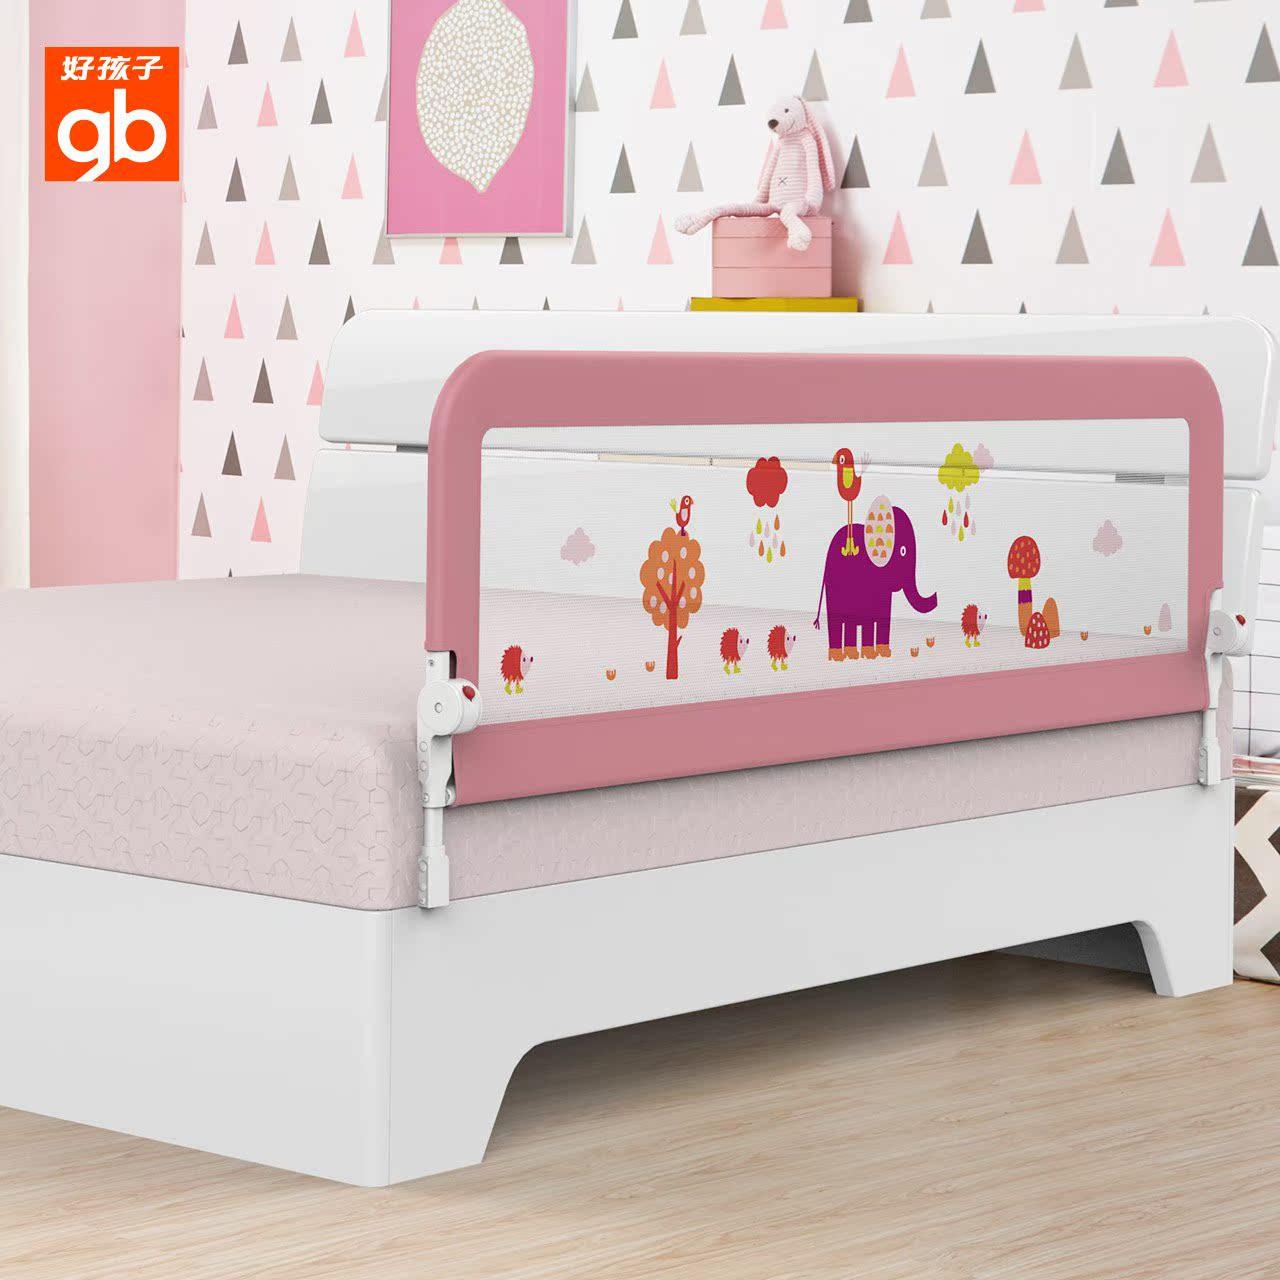 GB καλό παιδί το κρεβάτι της ασφάλειας κιγκλίδωμα κρεβάτι μωρό δίπλα στο φράχτη προστατευτικό κιγκλίδωμα κρεβάτι τετράγωνο ανασυρόμενο παιδιά το κρεβάτι